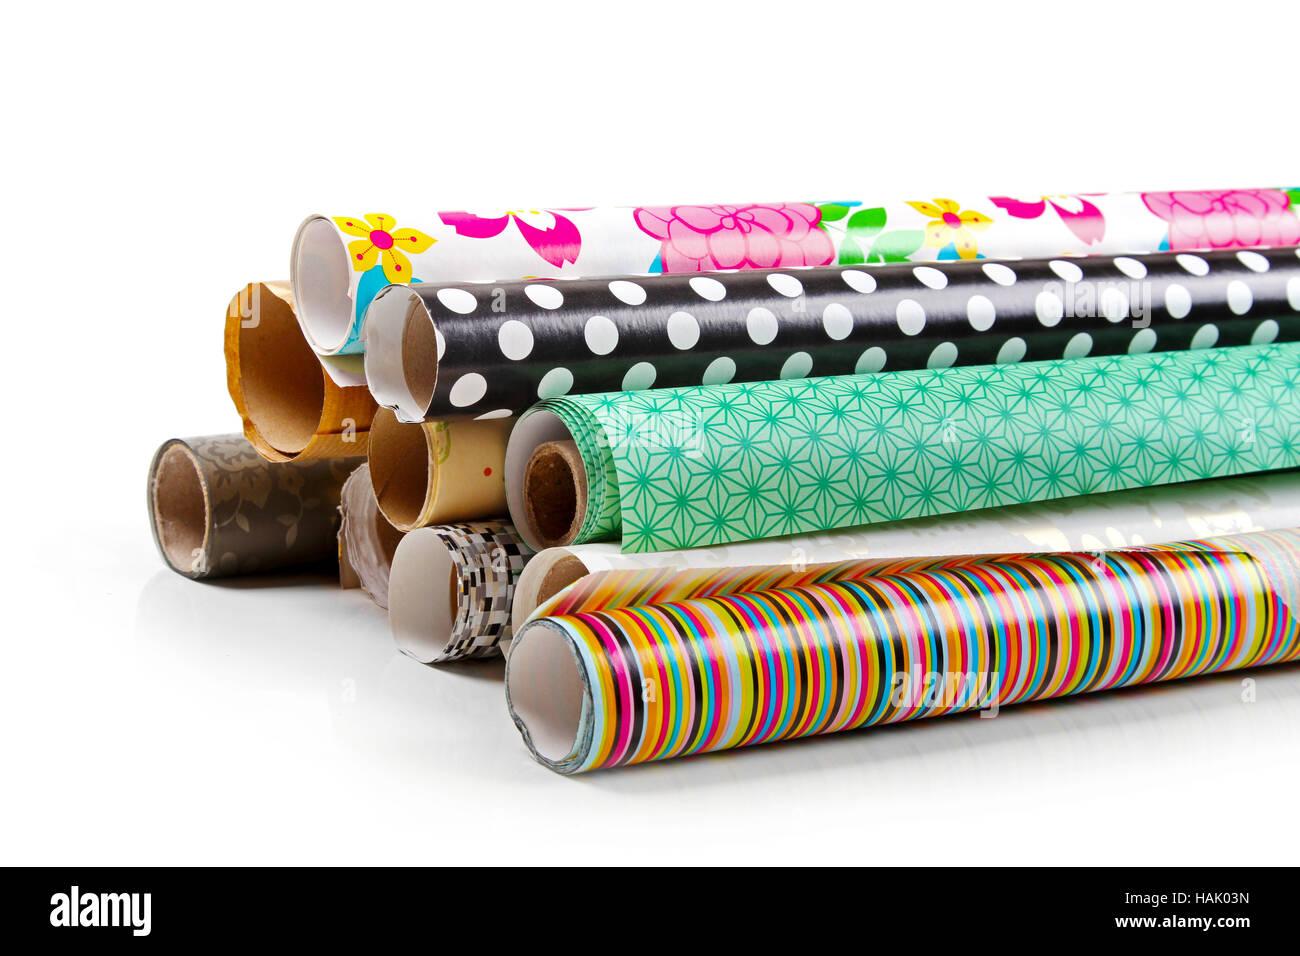 Rollos de papel de envolver coloridos aislado en blanco Imagen De Stock